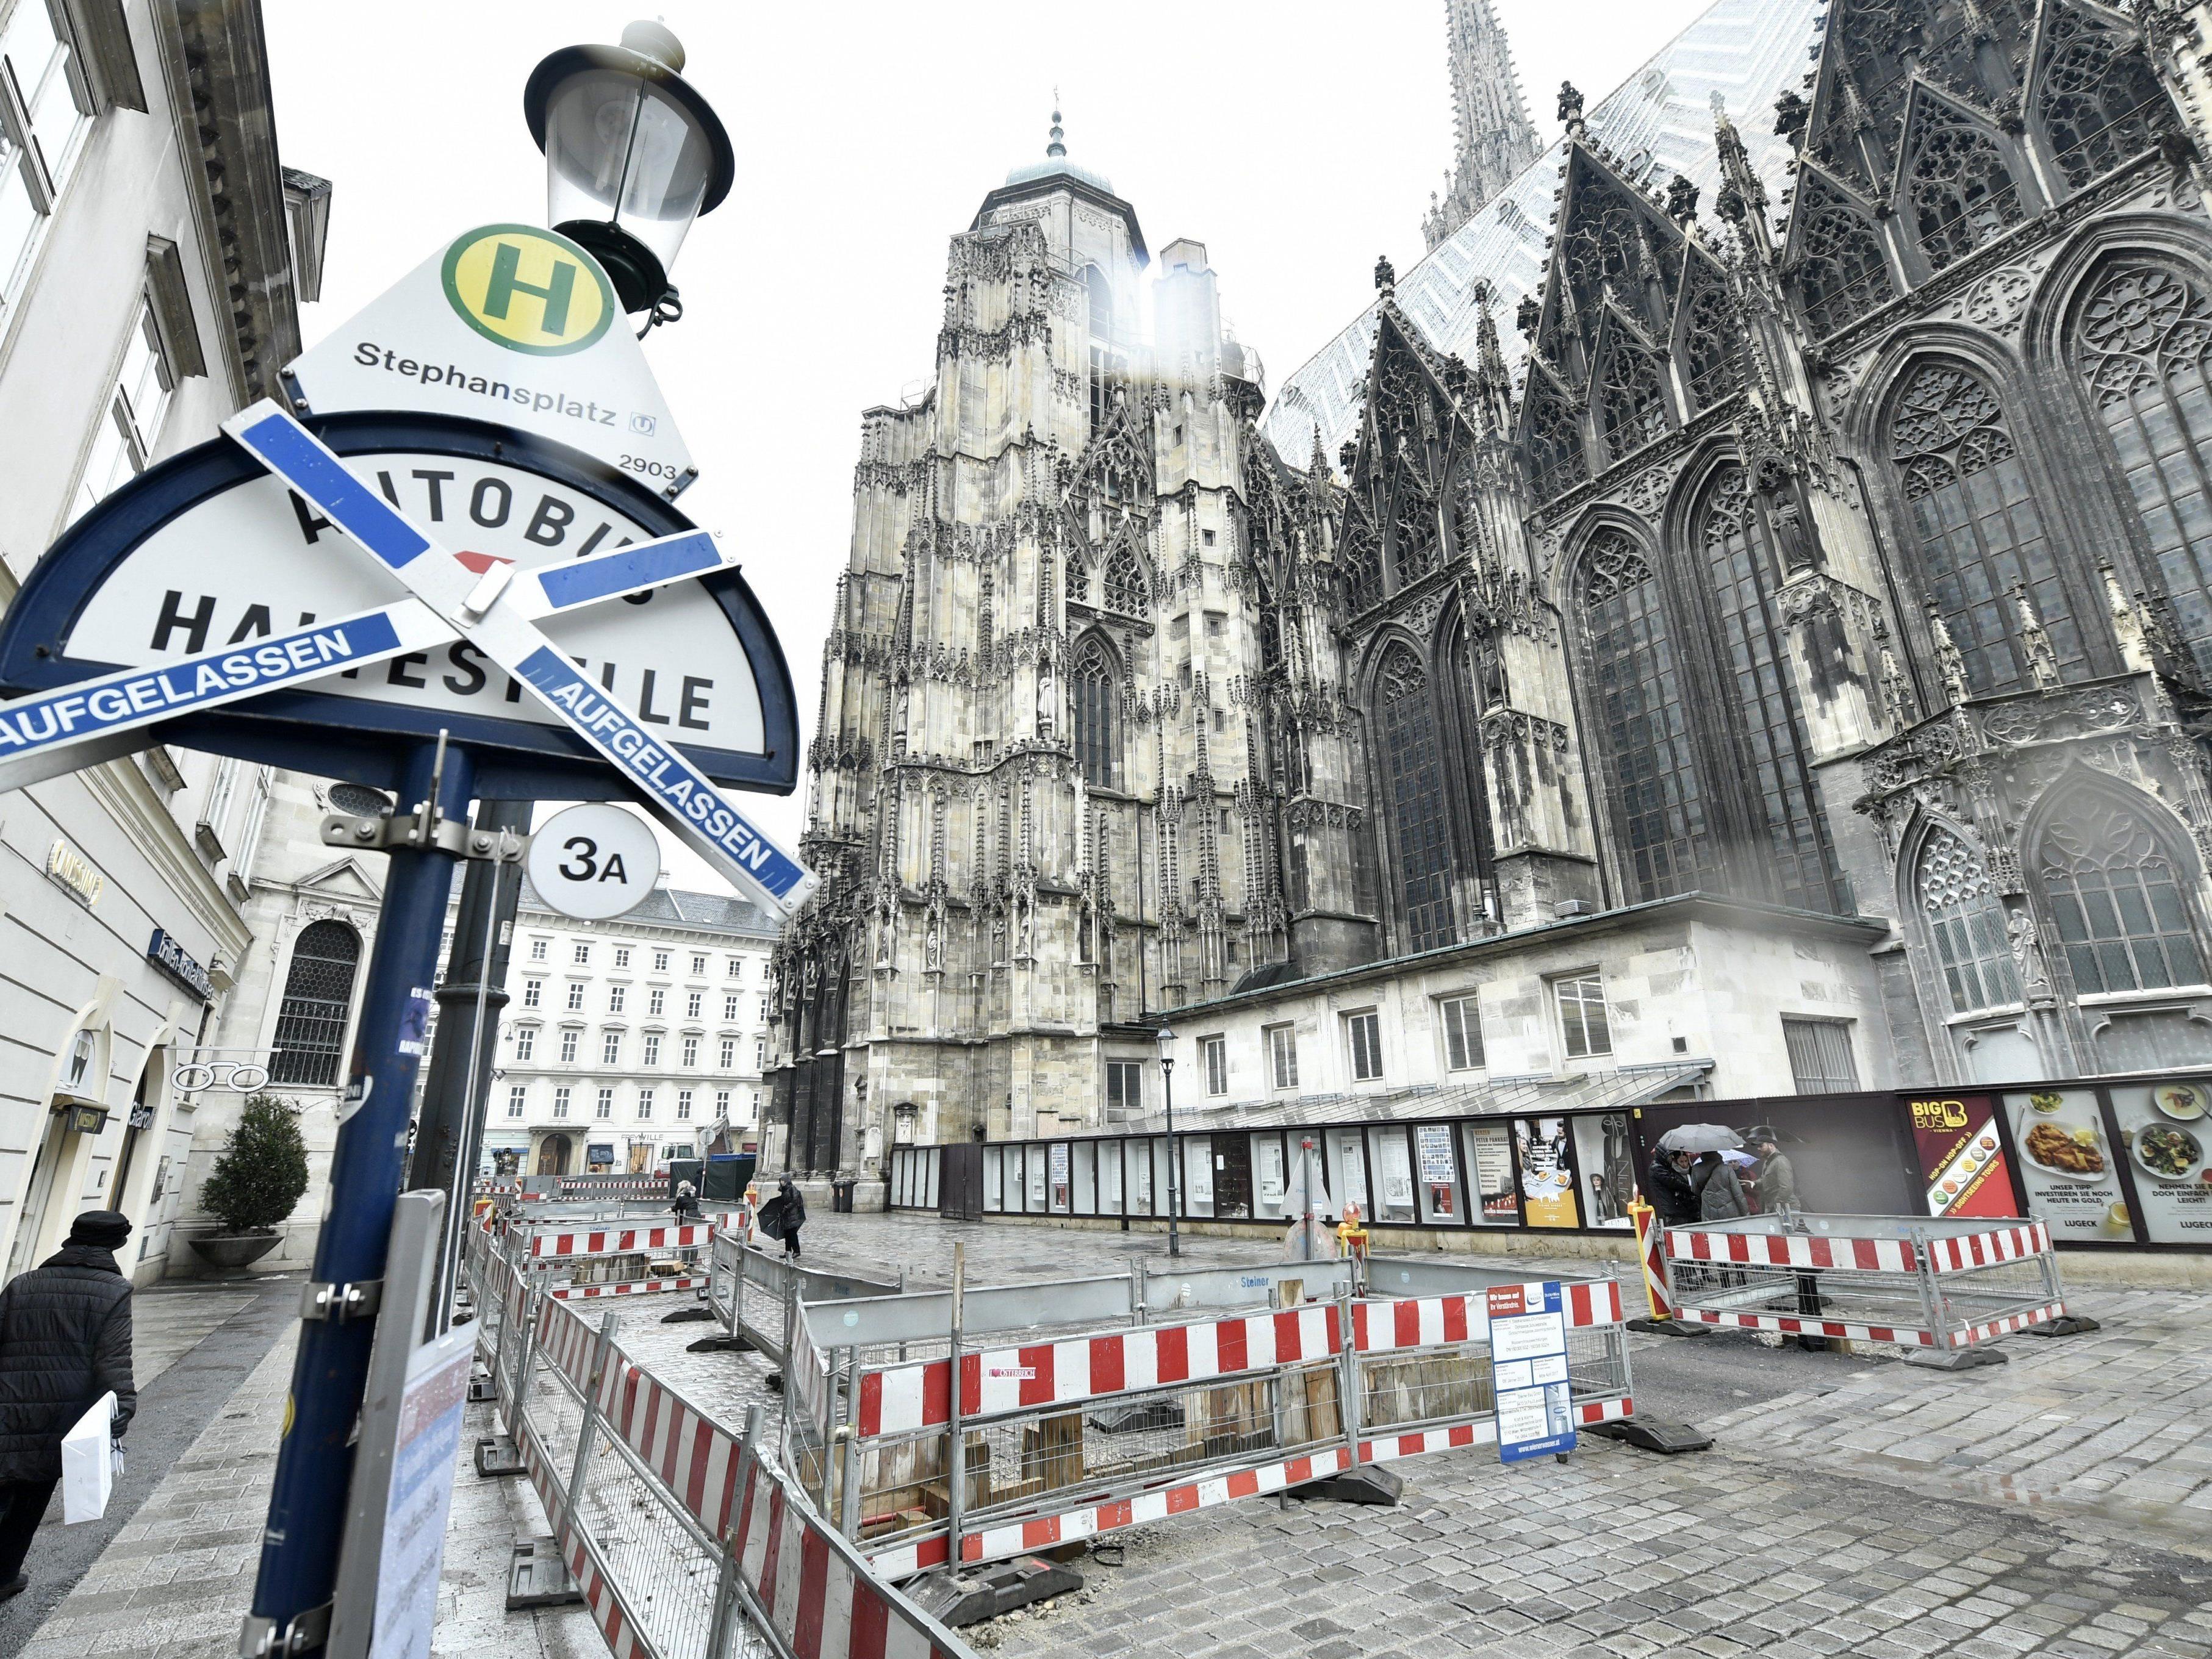 Bauarbeiten und Führungen am Stephansplatz